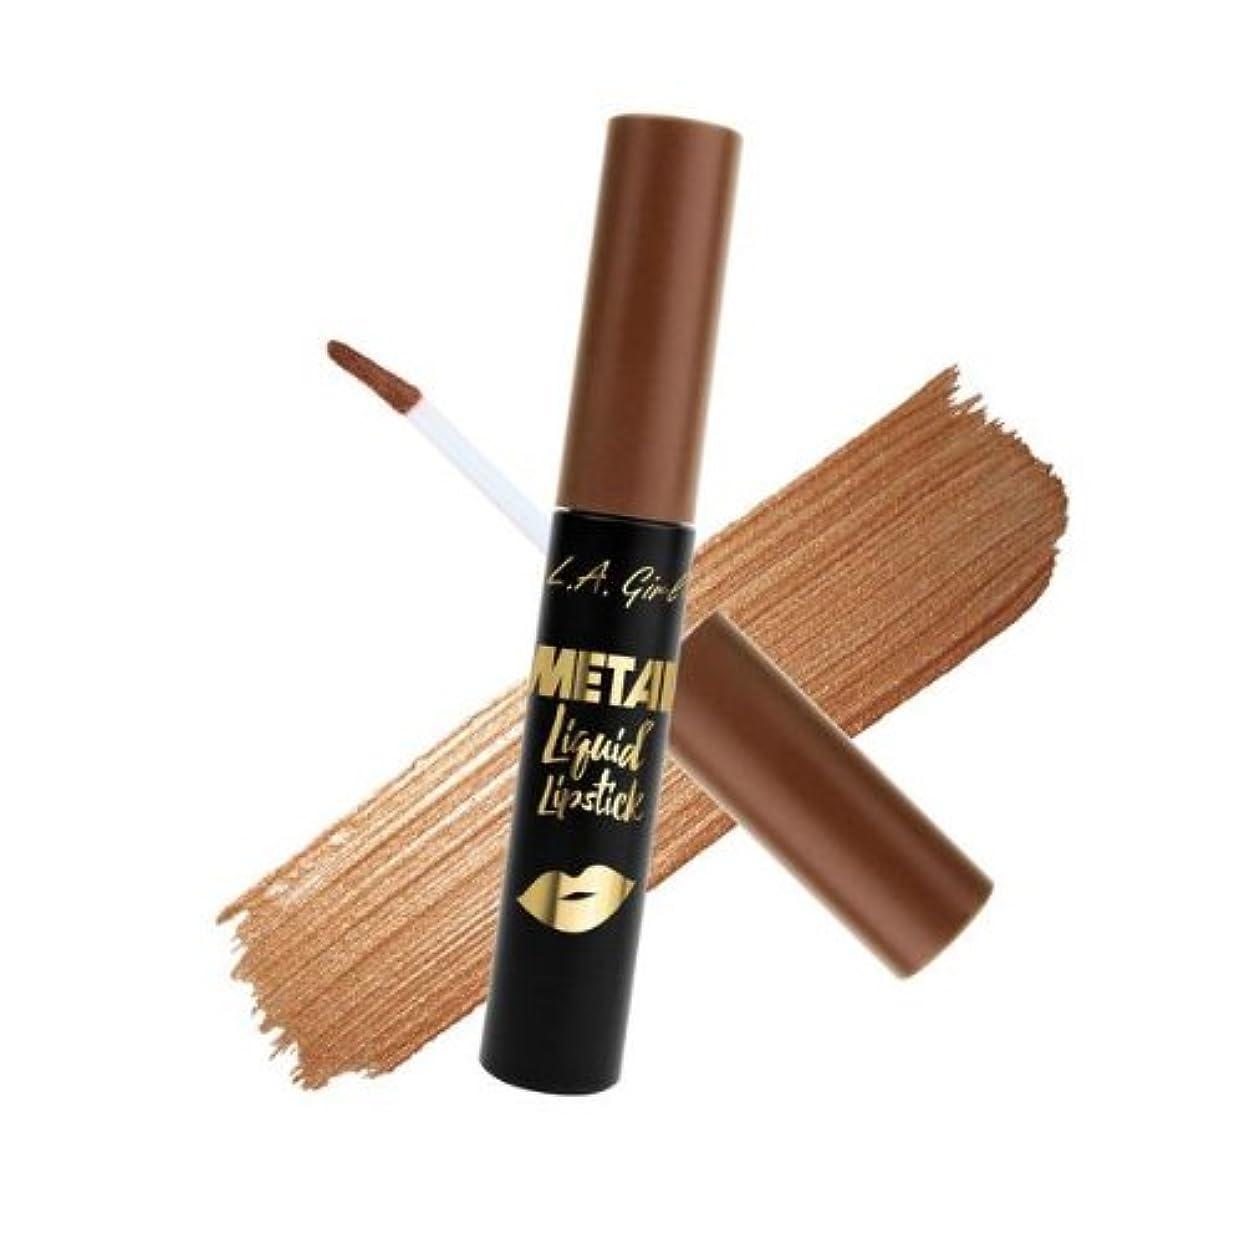 予防接種する手段出発(3 Pack) L.A. GIRL Metal Liquid Lipstick - Satin Gold (並行輸入品)